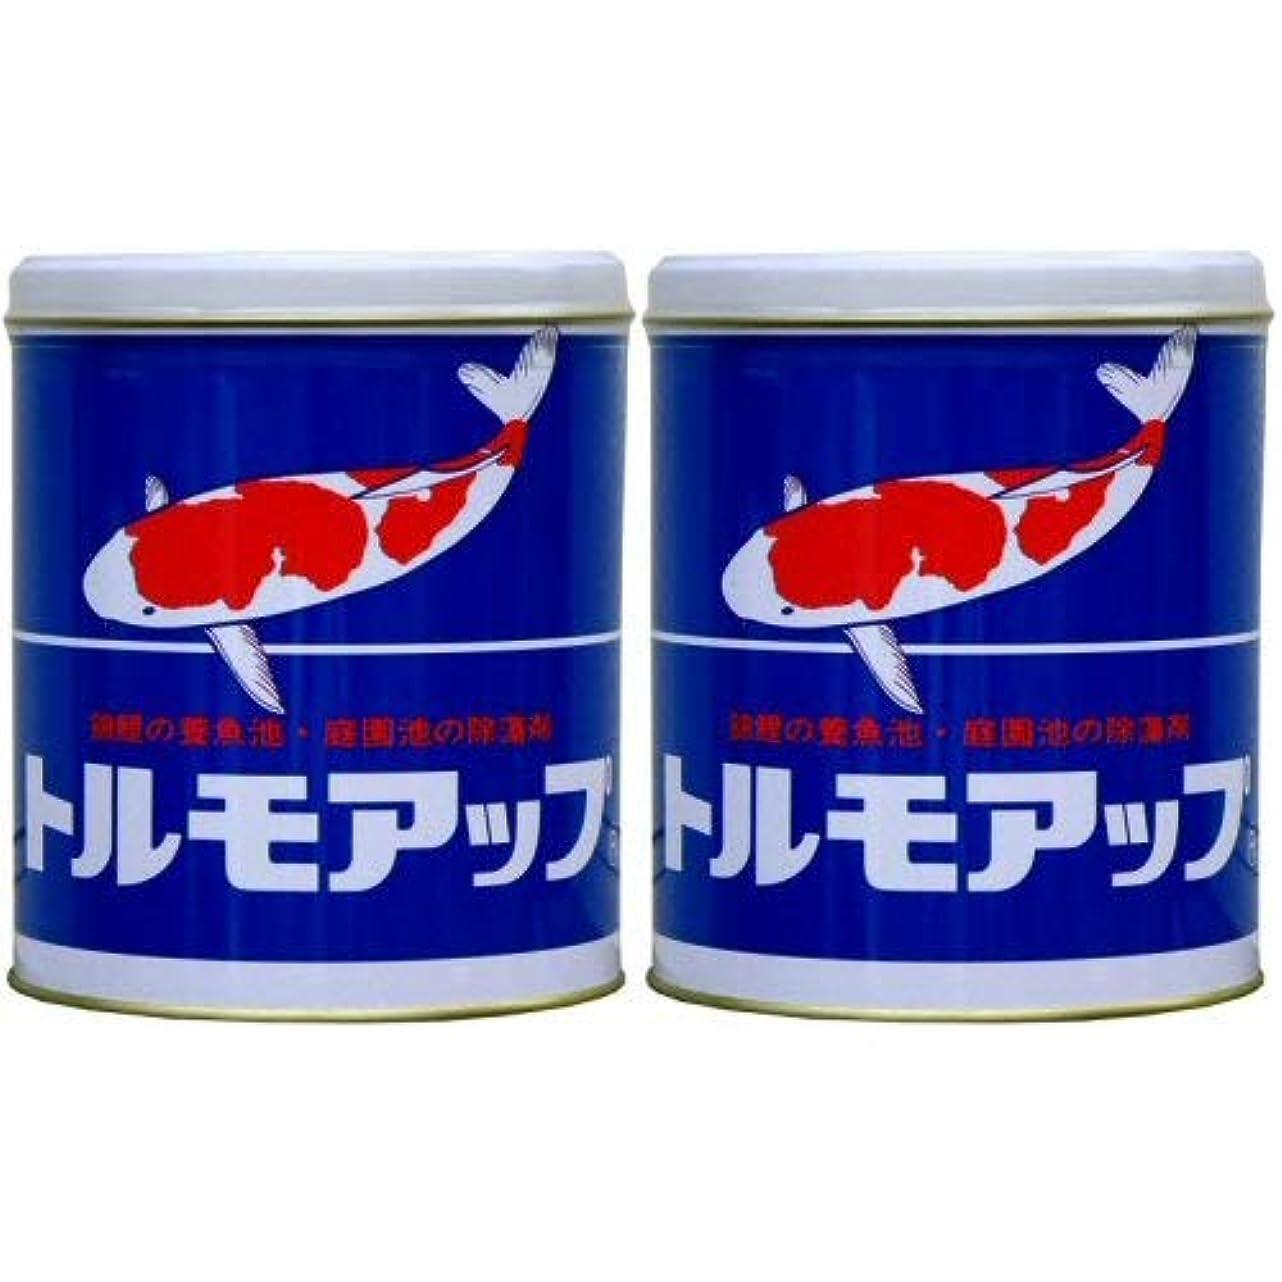 撃退する和解する現代のトルモアップ 600g×2缶